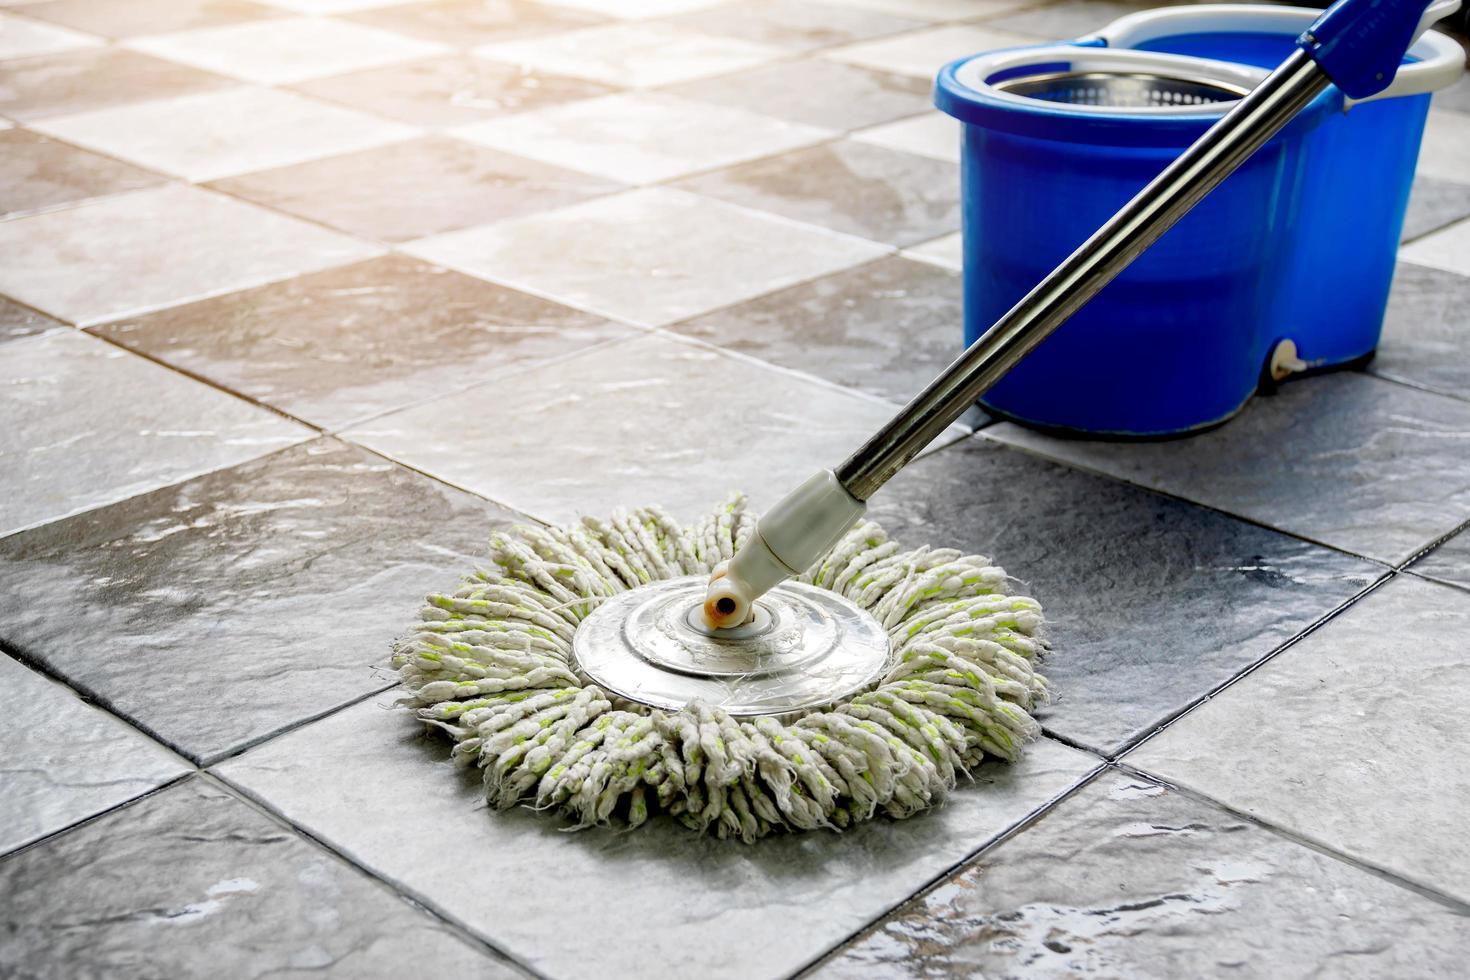 limpie los pisos de baldosas con trapeadores y productos de limpieza para pisos. foto